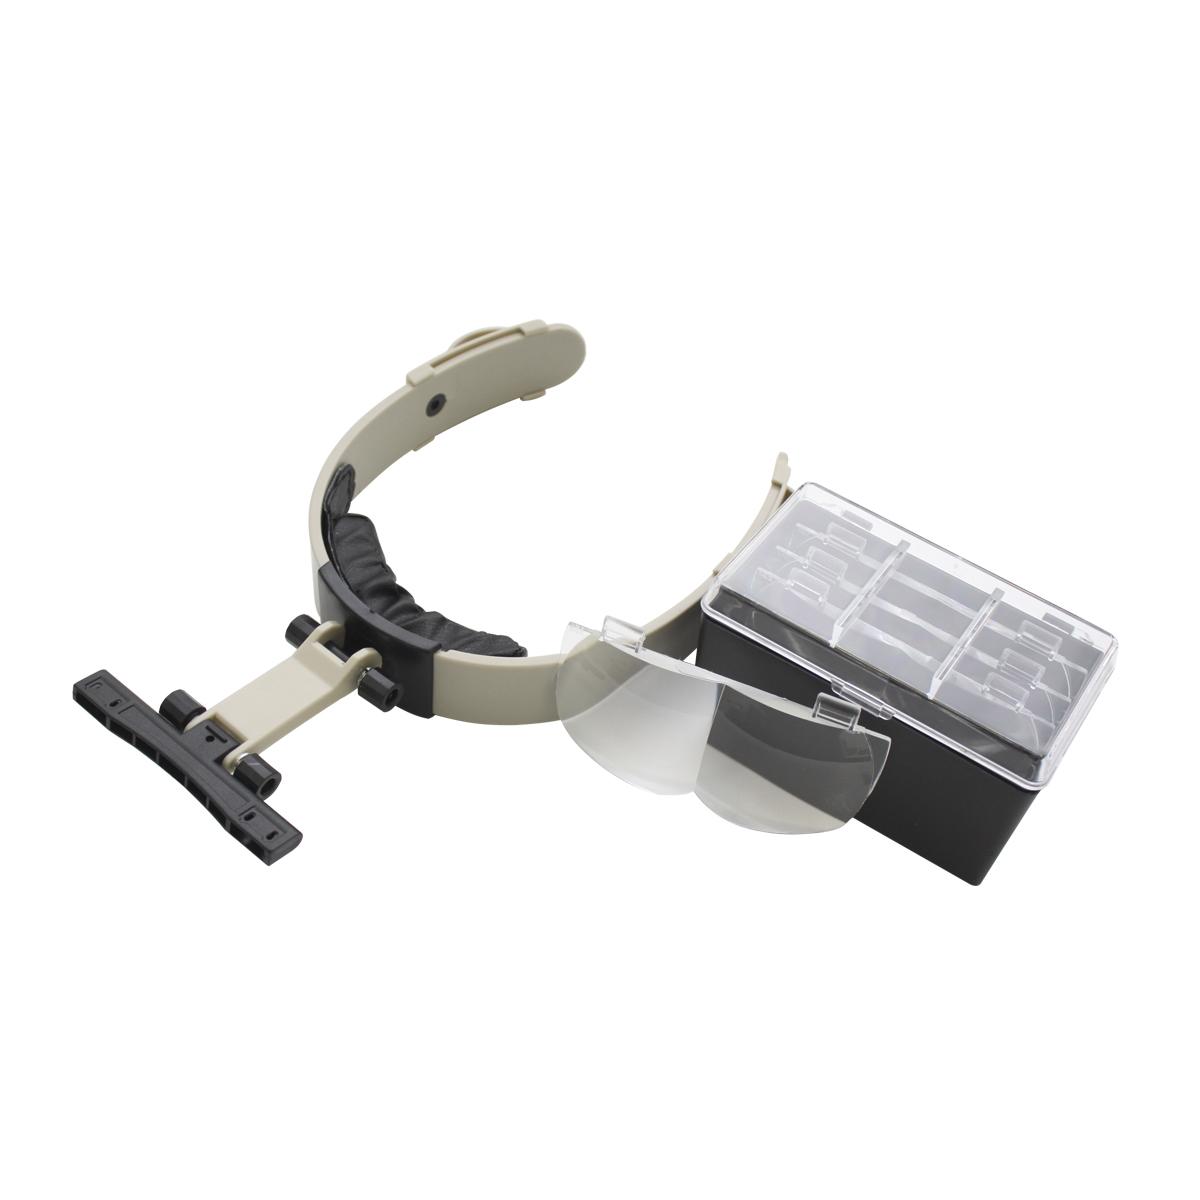 Лупа Bestex с креплением на голову. MG81002-A675295В набор входят 4 различные трехмерные линзы со степенями увеличения 1,2х , 1,8х, 2,5x, 3,5х. Длину крепления можно отрегулировать в зависимости от размера головы.